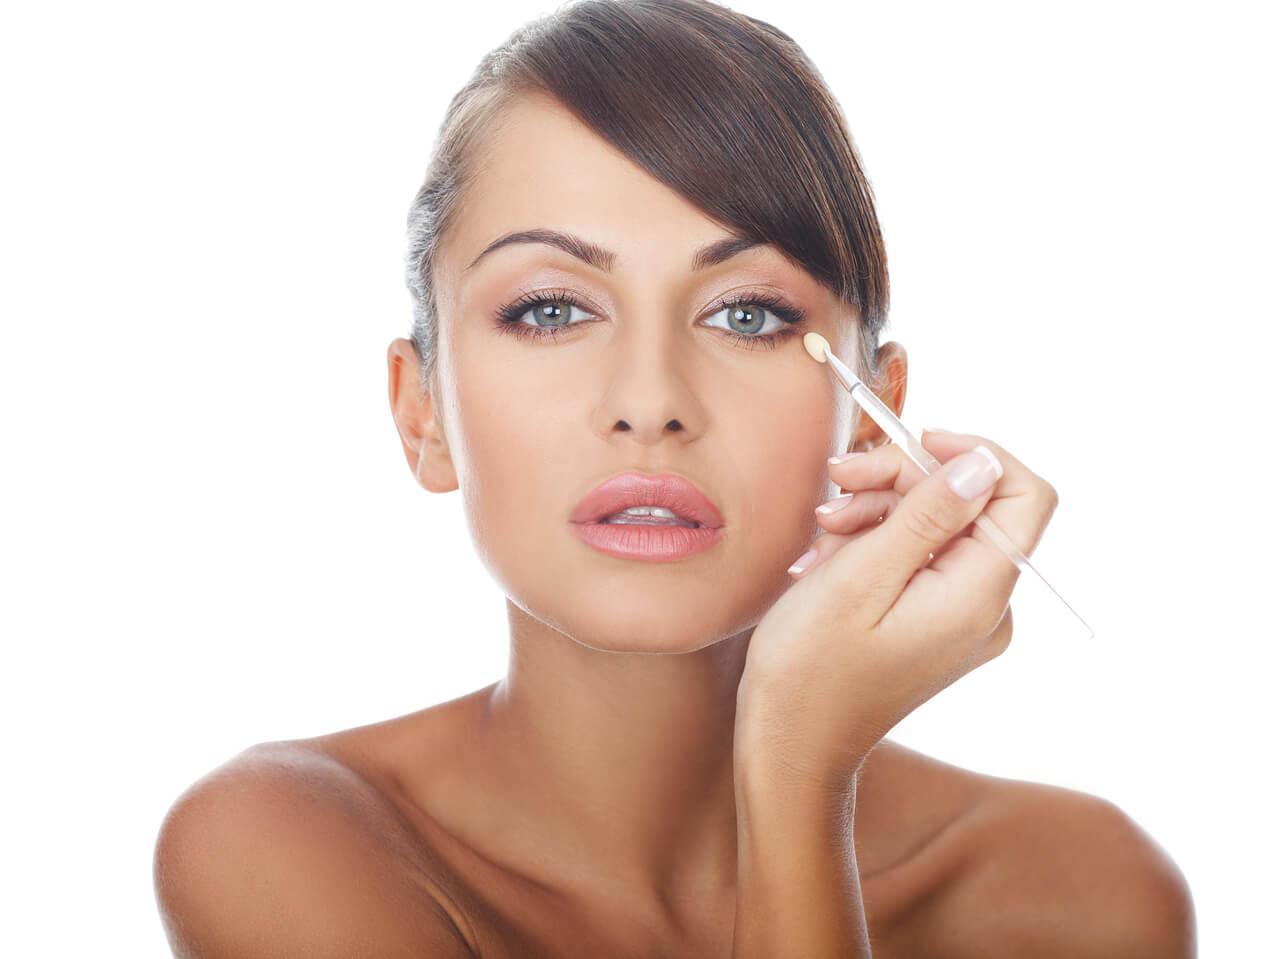 Što misliš da sada radi osoba iznad prikaži slikom Woman-applying-makeup1